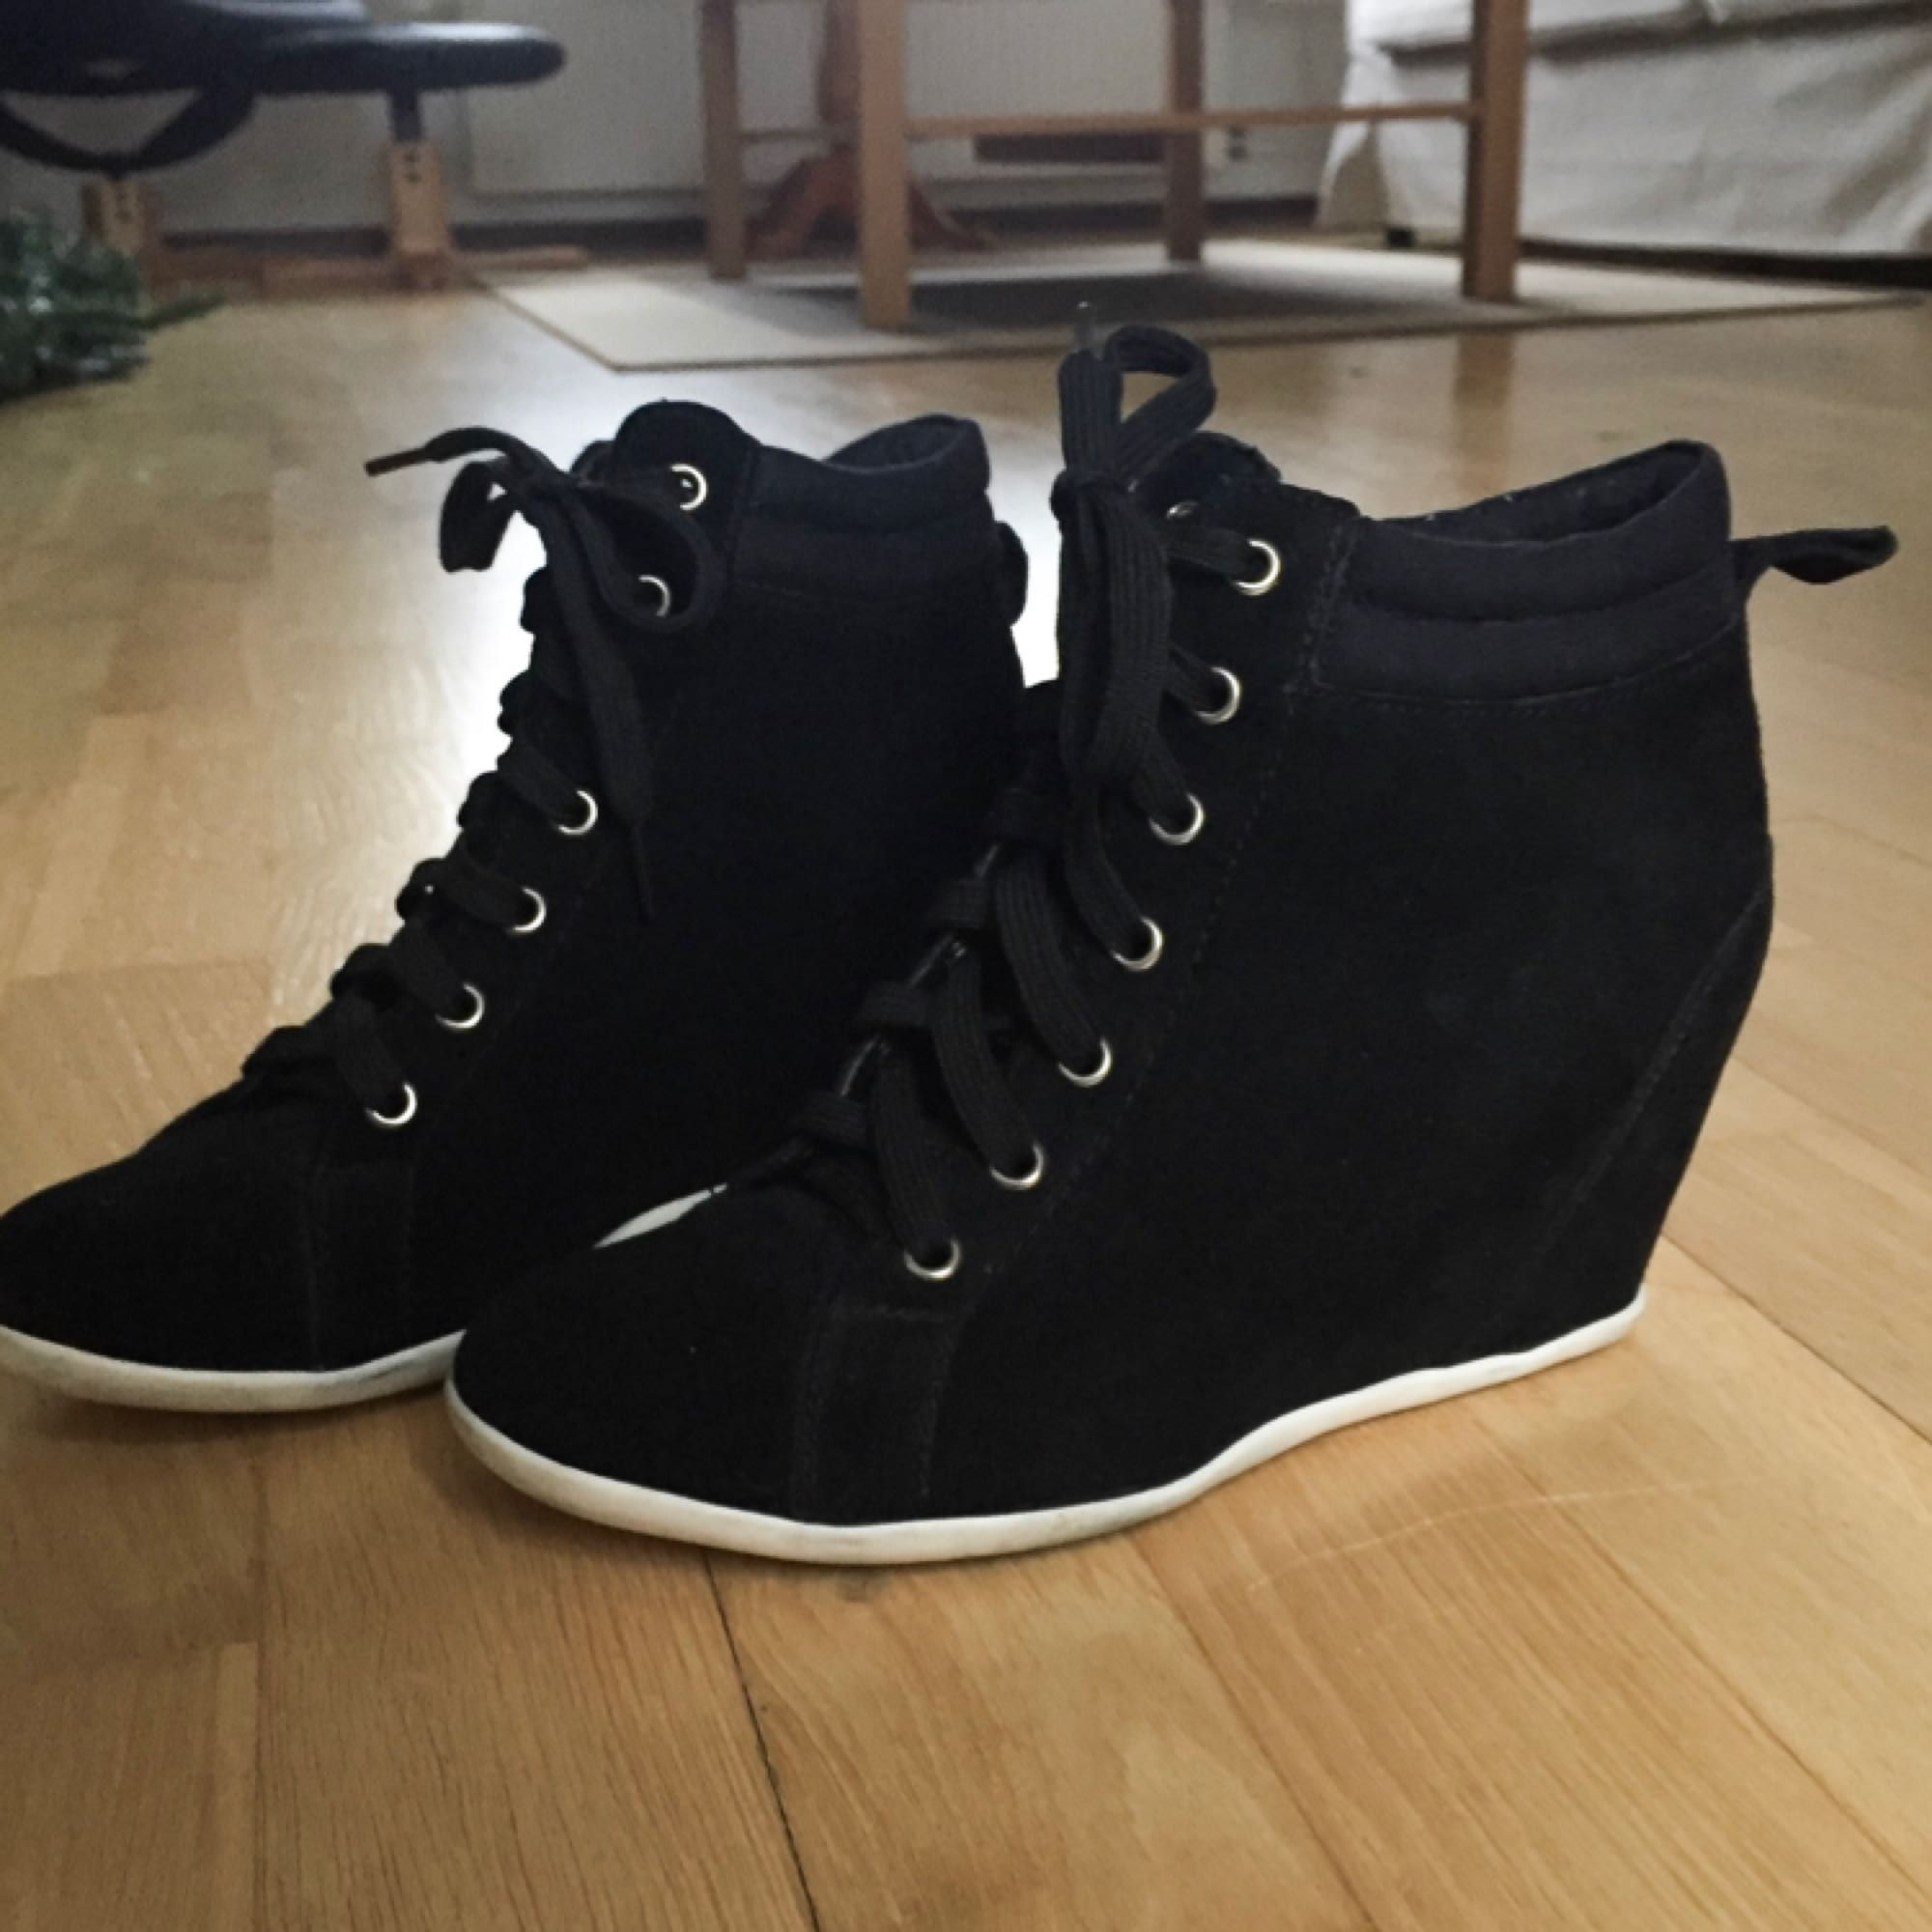 Skor med klack från Åhléns. Supersnygga men säljer pga att jag inte använder dem. Endast använda 1 gång och nypriset låg på runt 400-500 kr. . Skor.